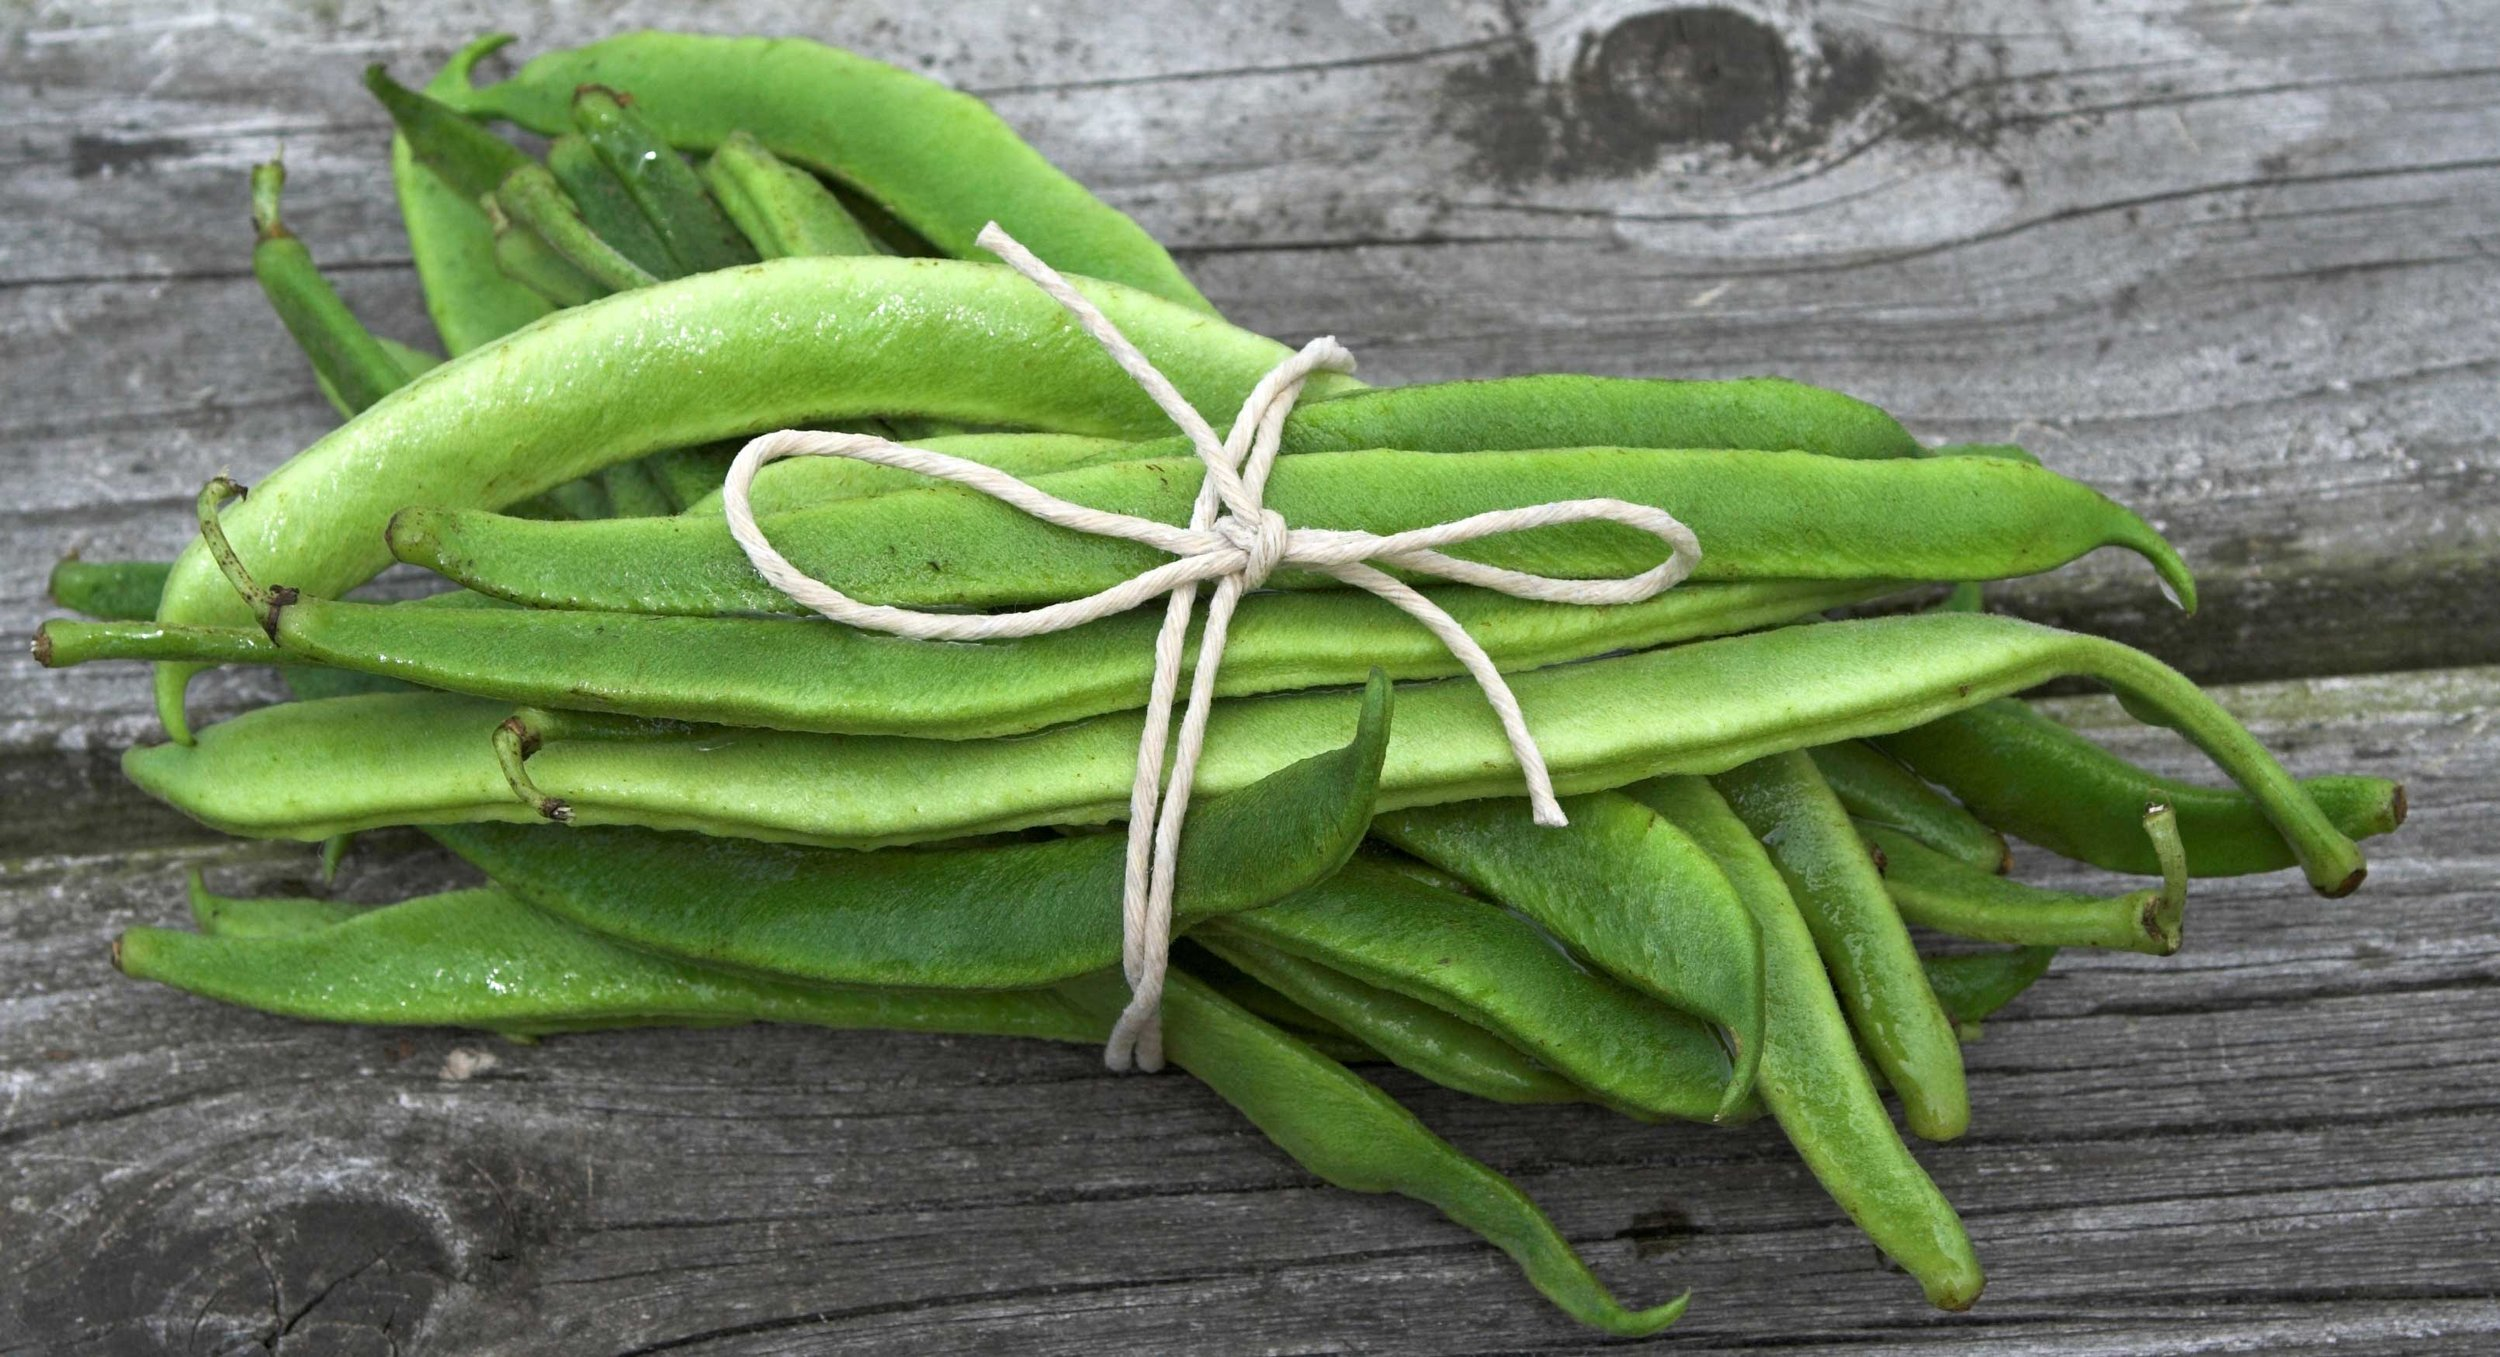 runner-bean-glossary-image.jpg